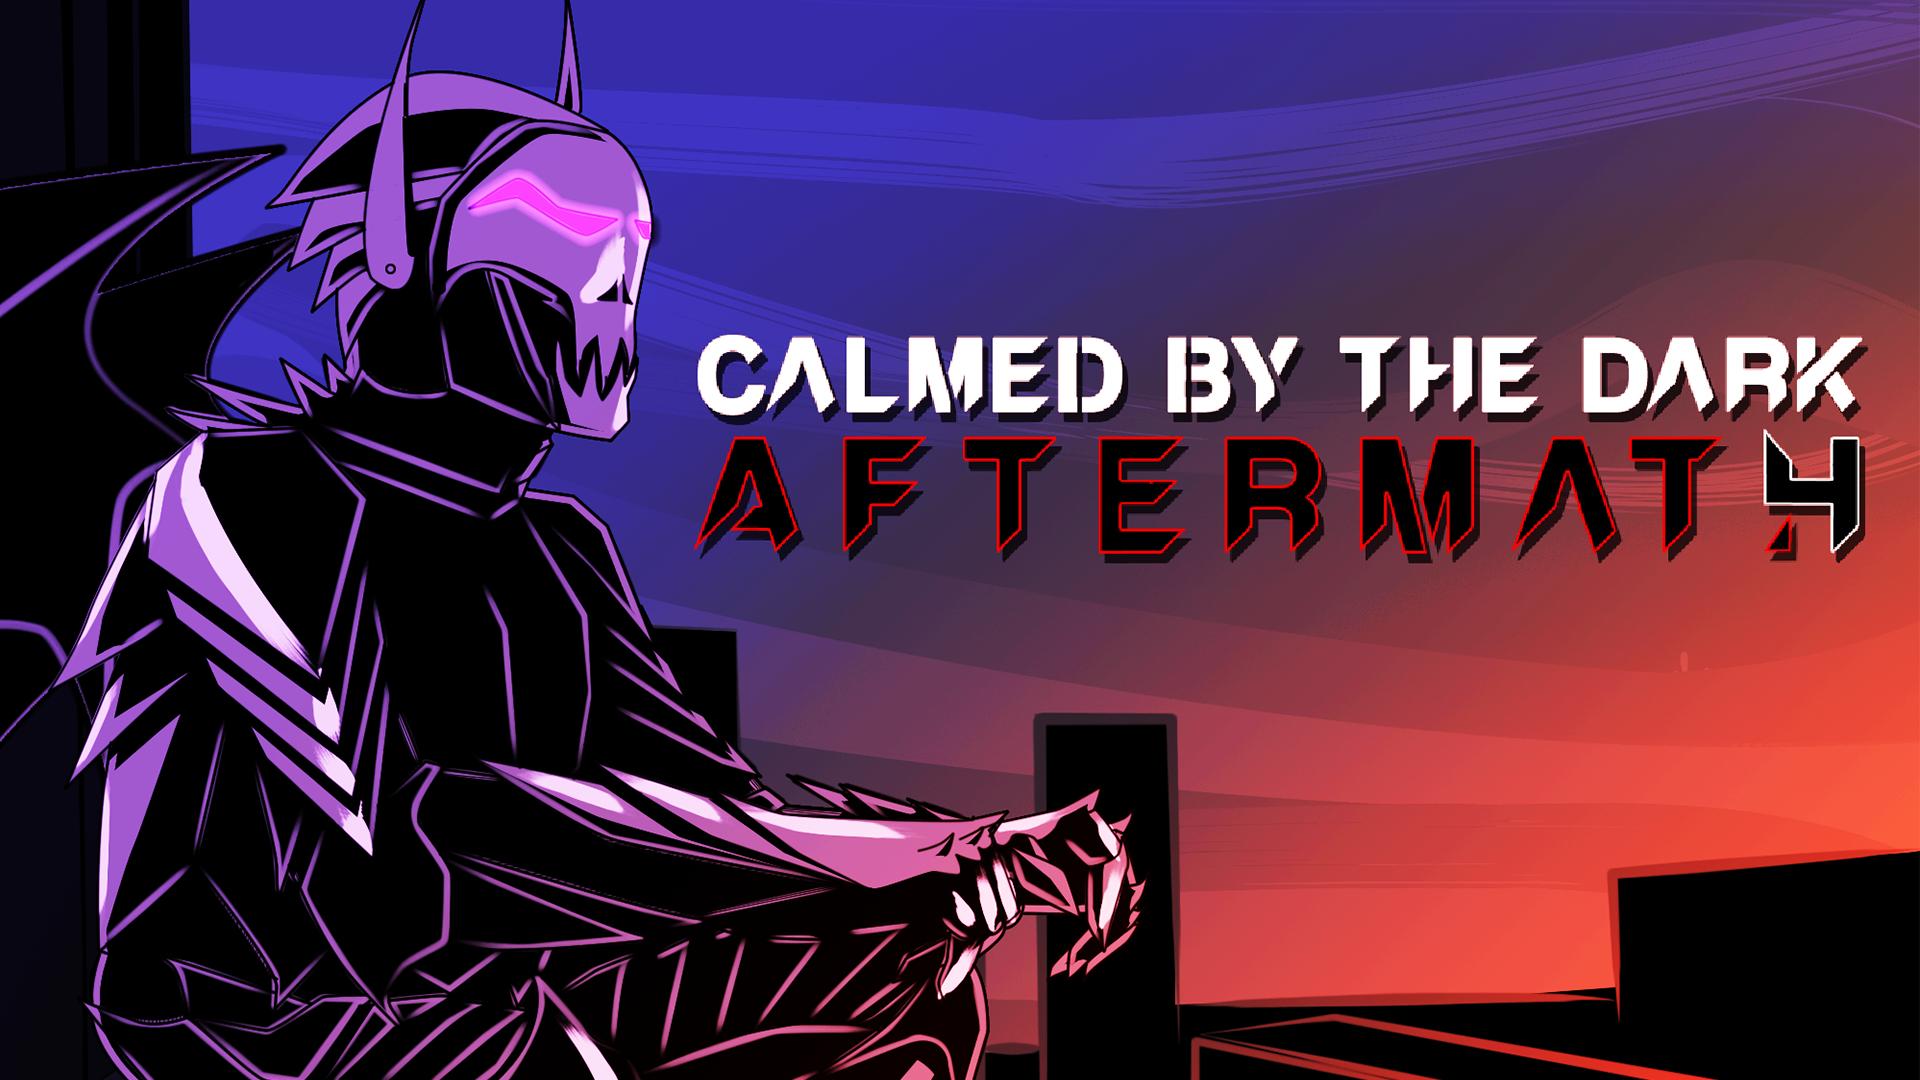 3 Jeux Calmed by the Dark gratuits sur PC (Dématérialisés - DRM-Free) - Ex: Aftermath